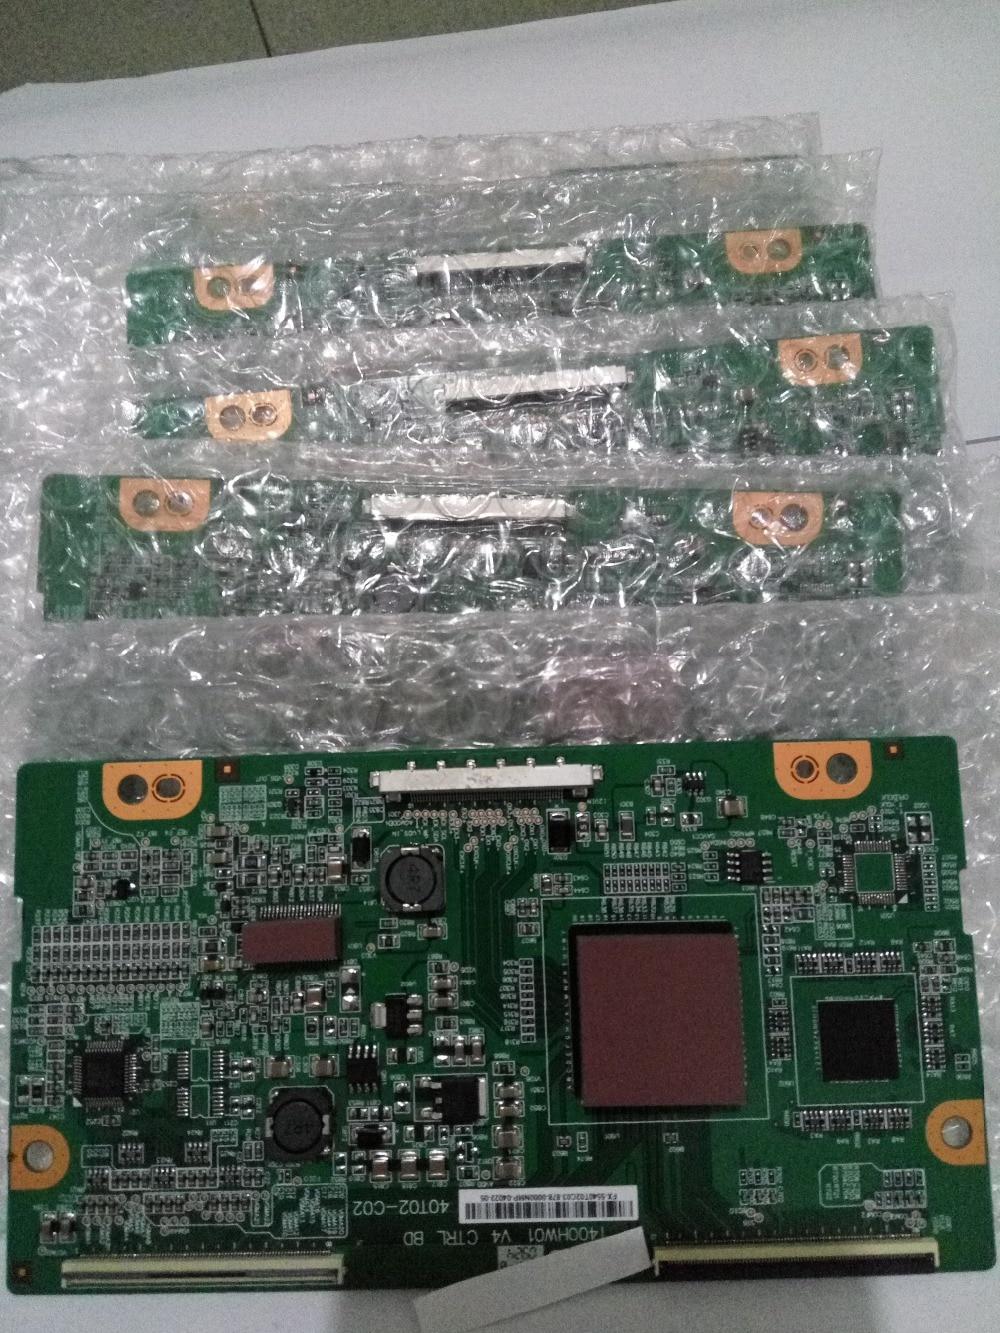 LCD مجلس T400HW01 V4 40T02-C02 المنطق مجلس T-CON ربط مع ربط المجلس